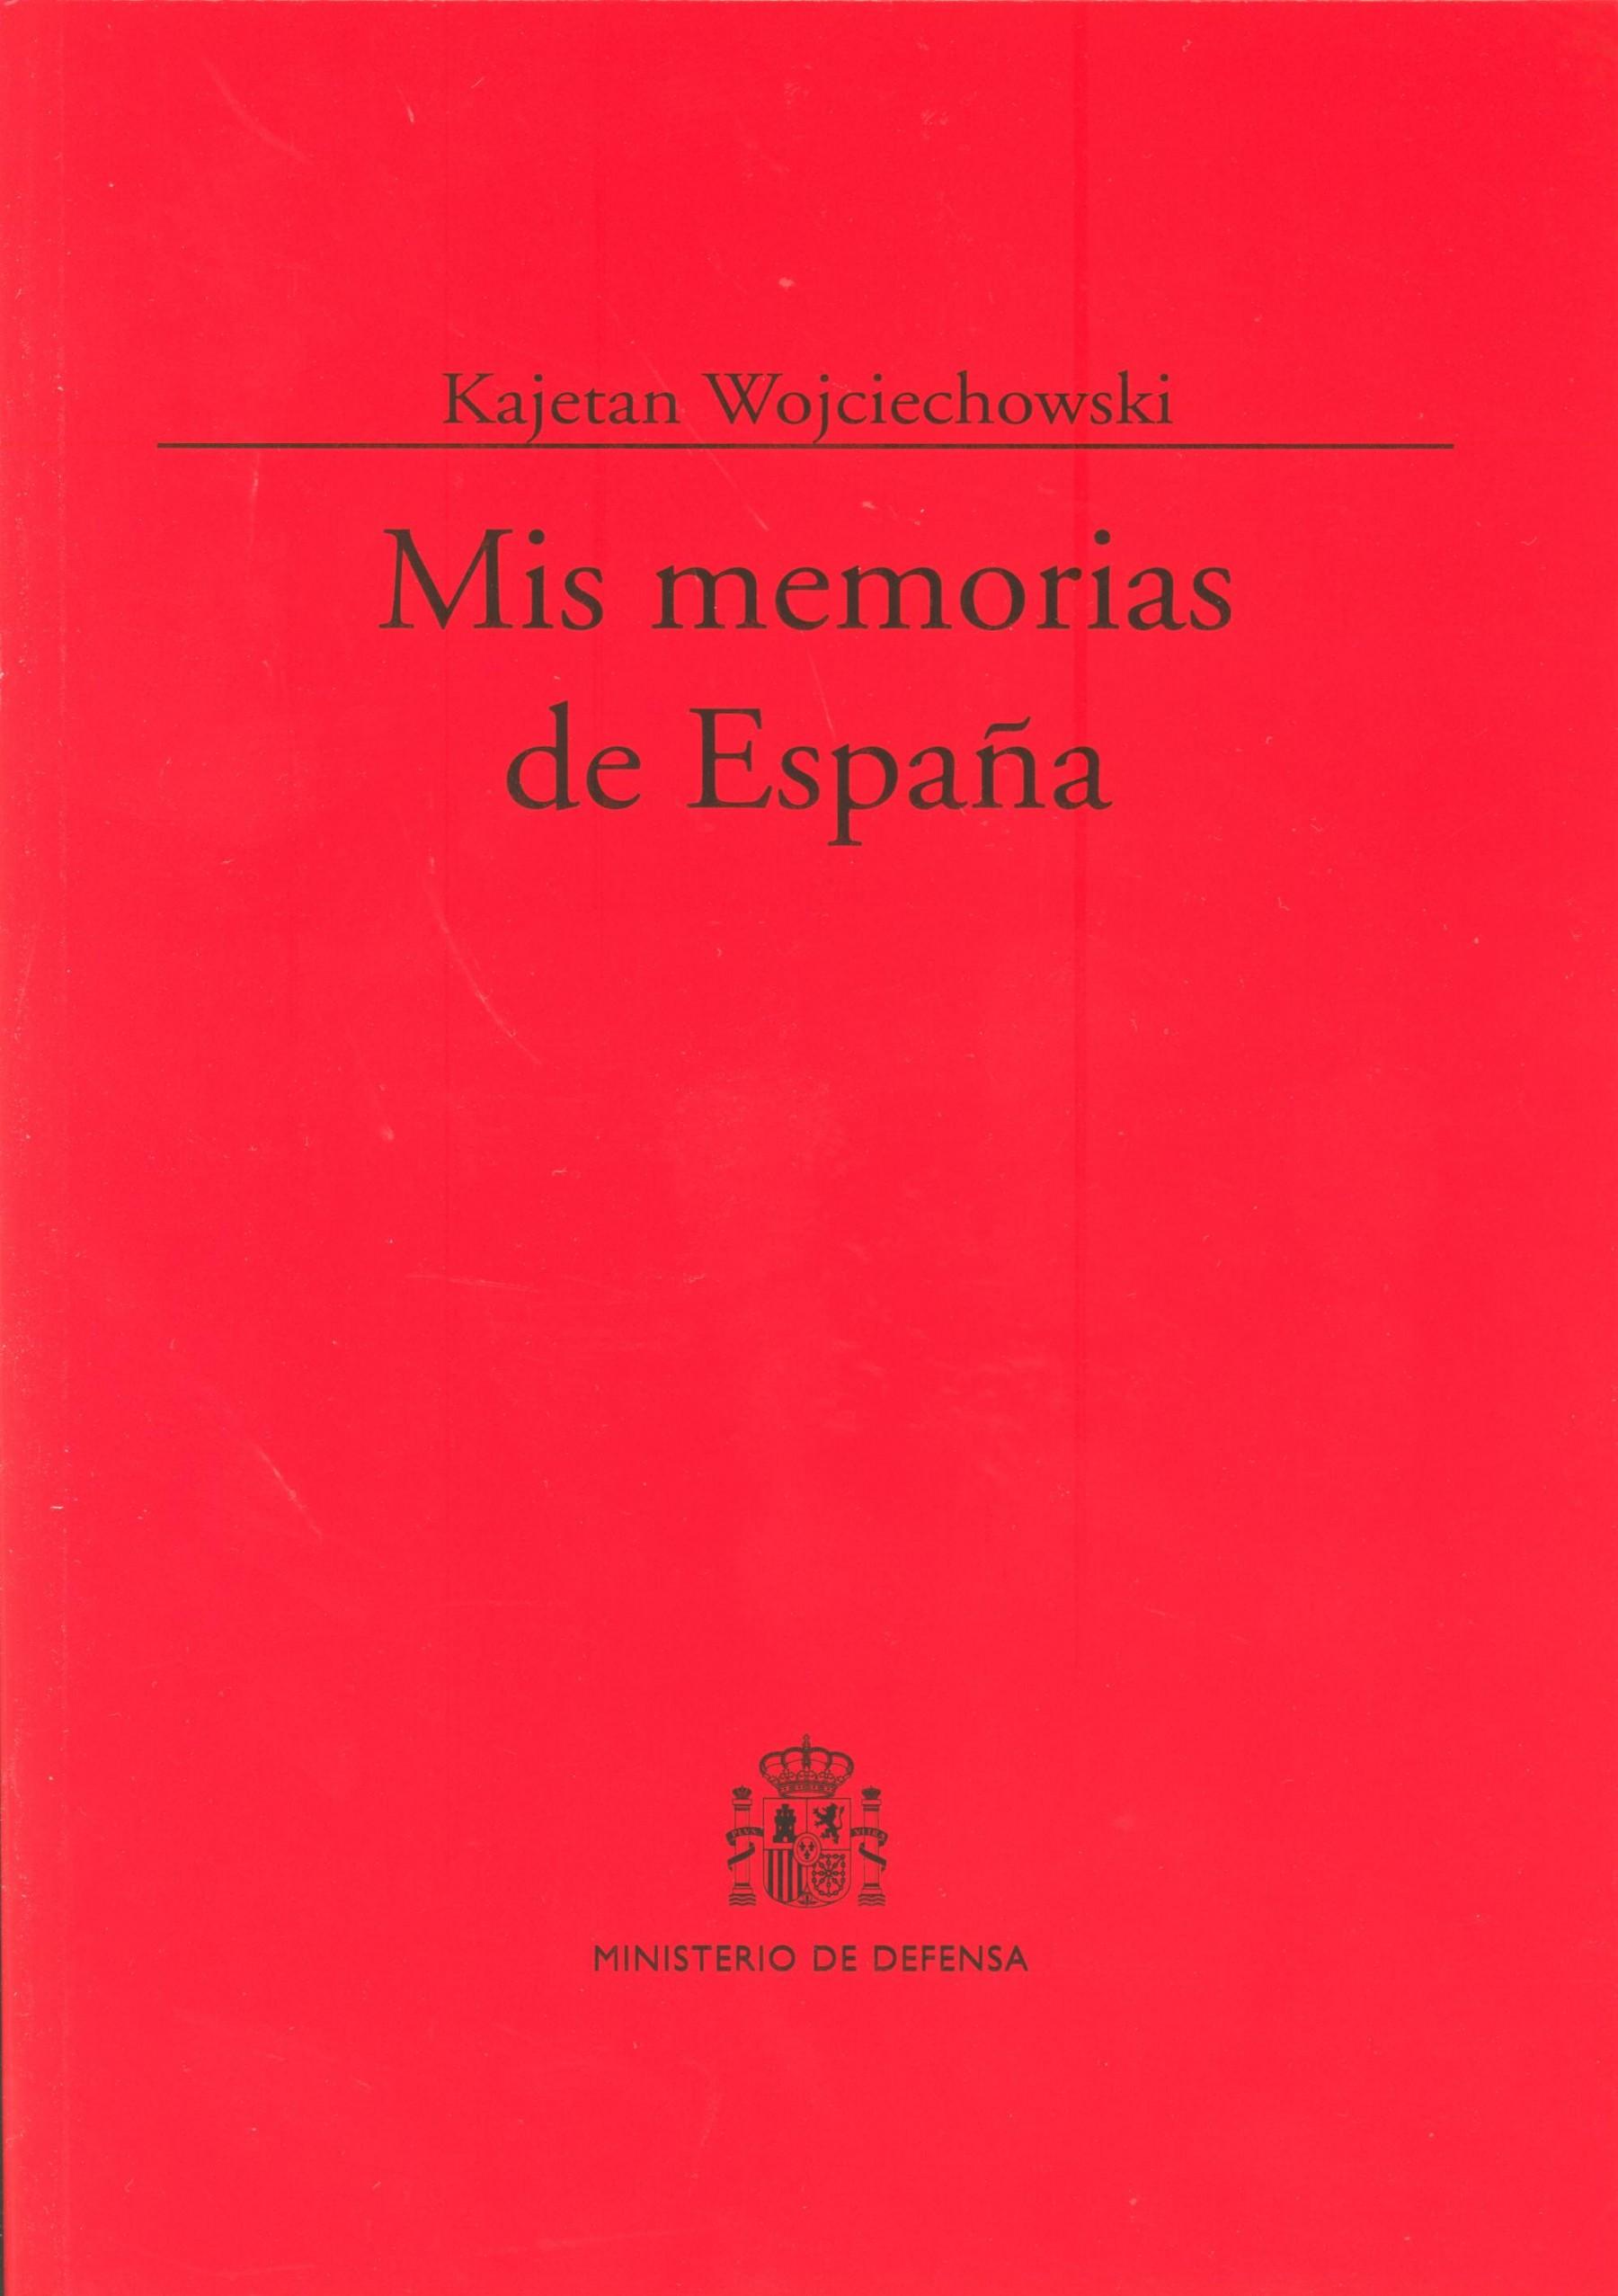 MIS MEMORIAS DE ESPAÑA